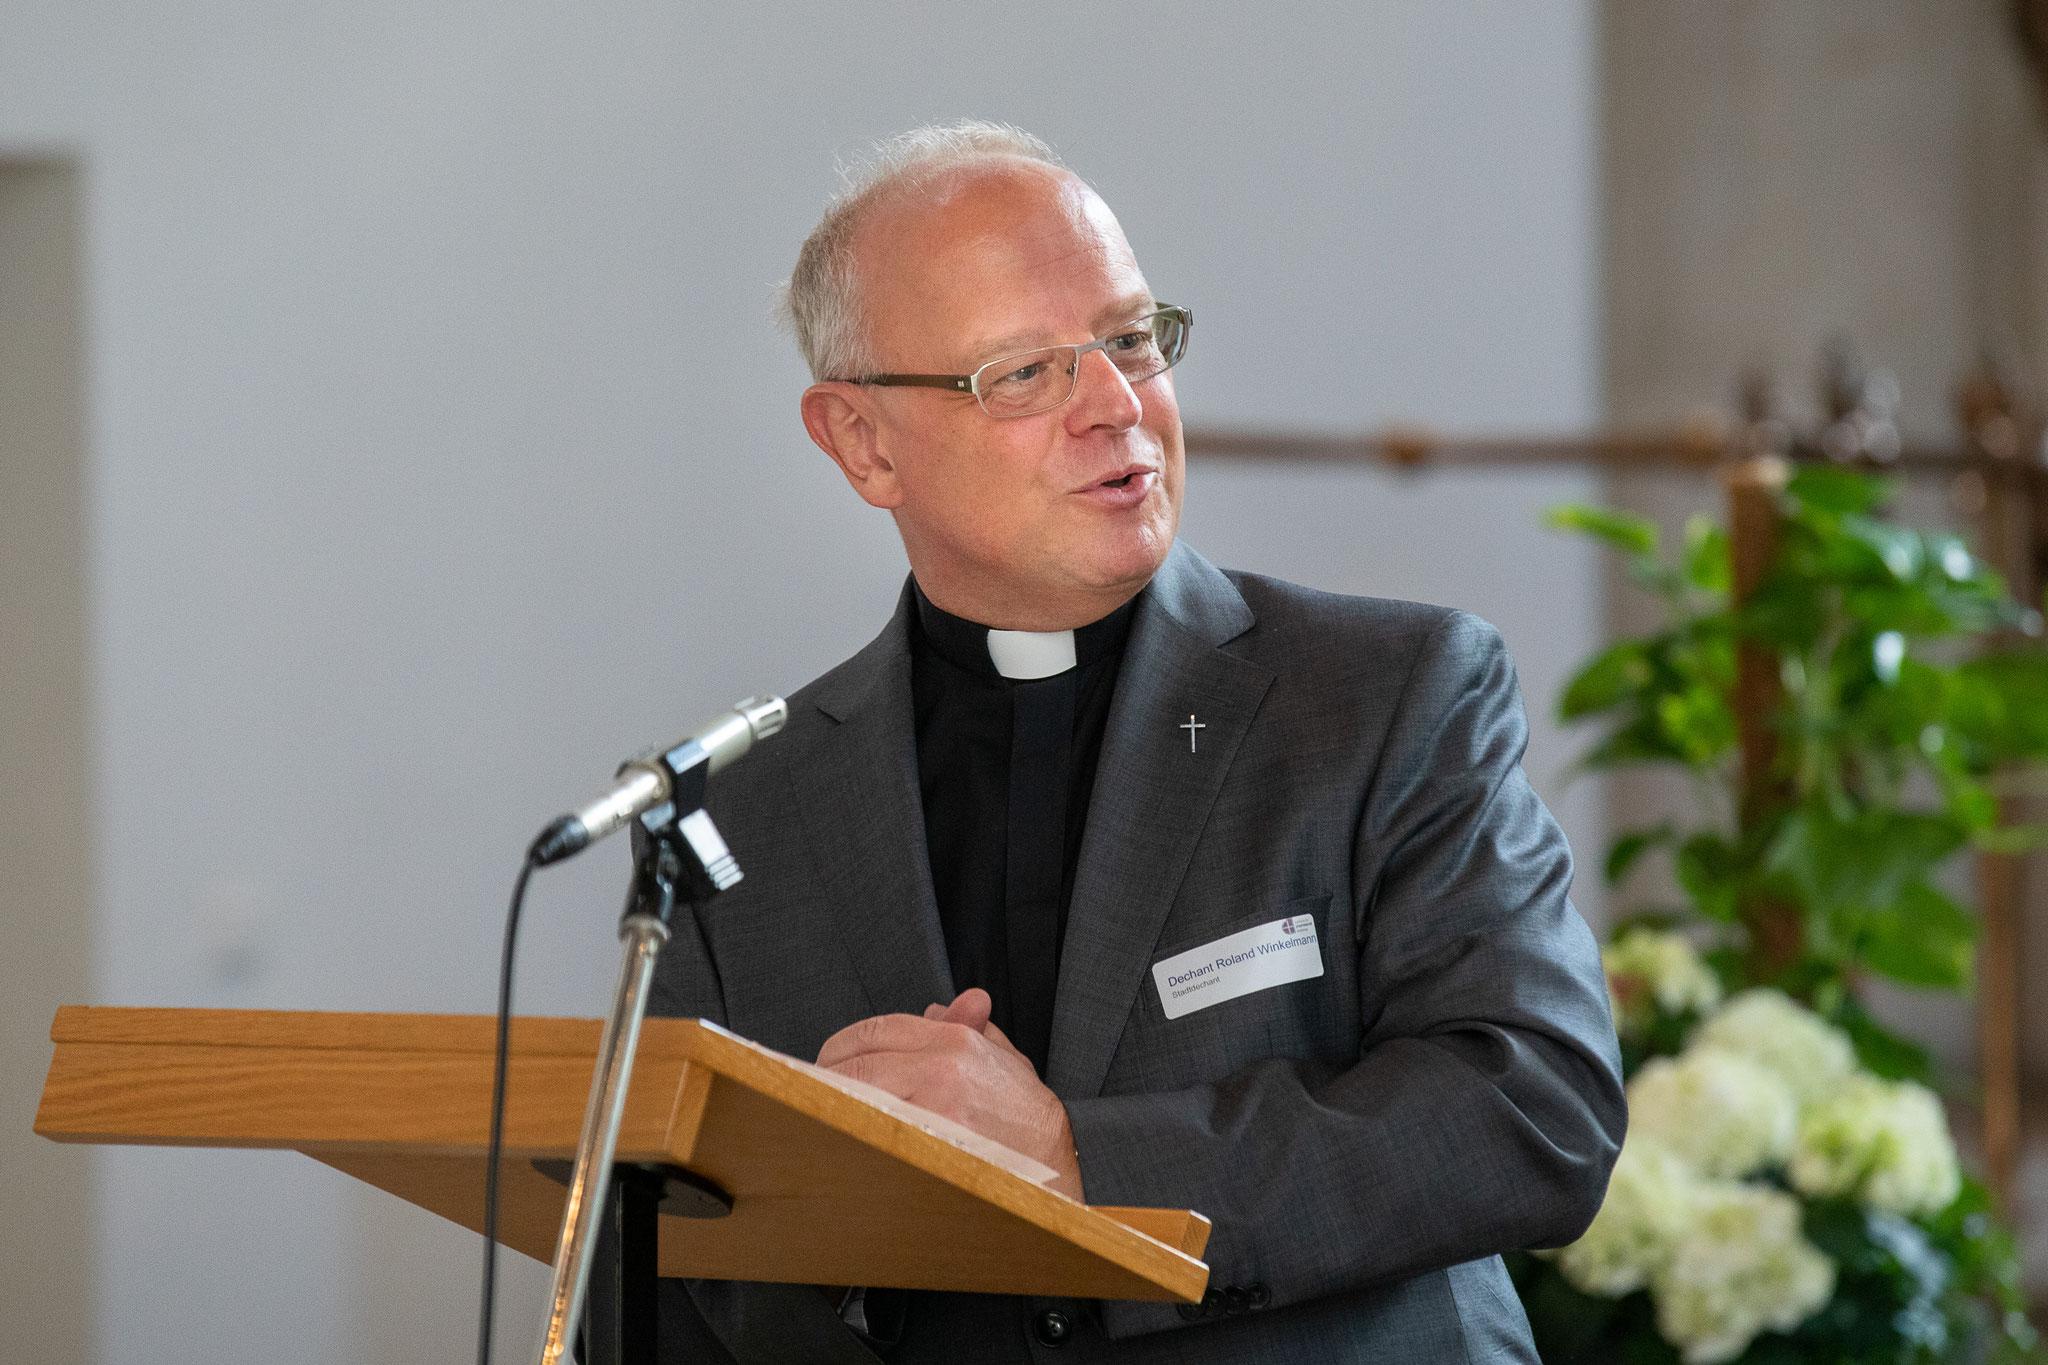 Stadtdechant Roland Winkelmann   © Achim Pohl I Bistum Essen